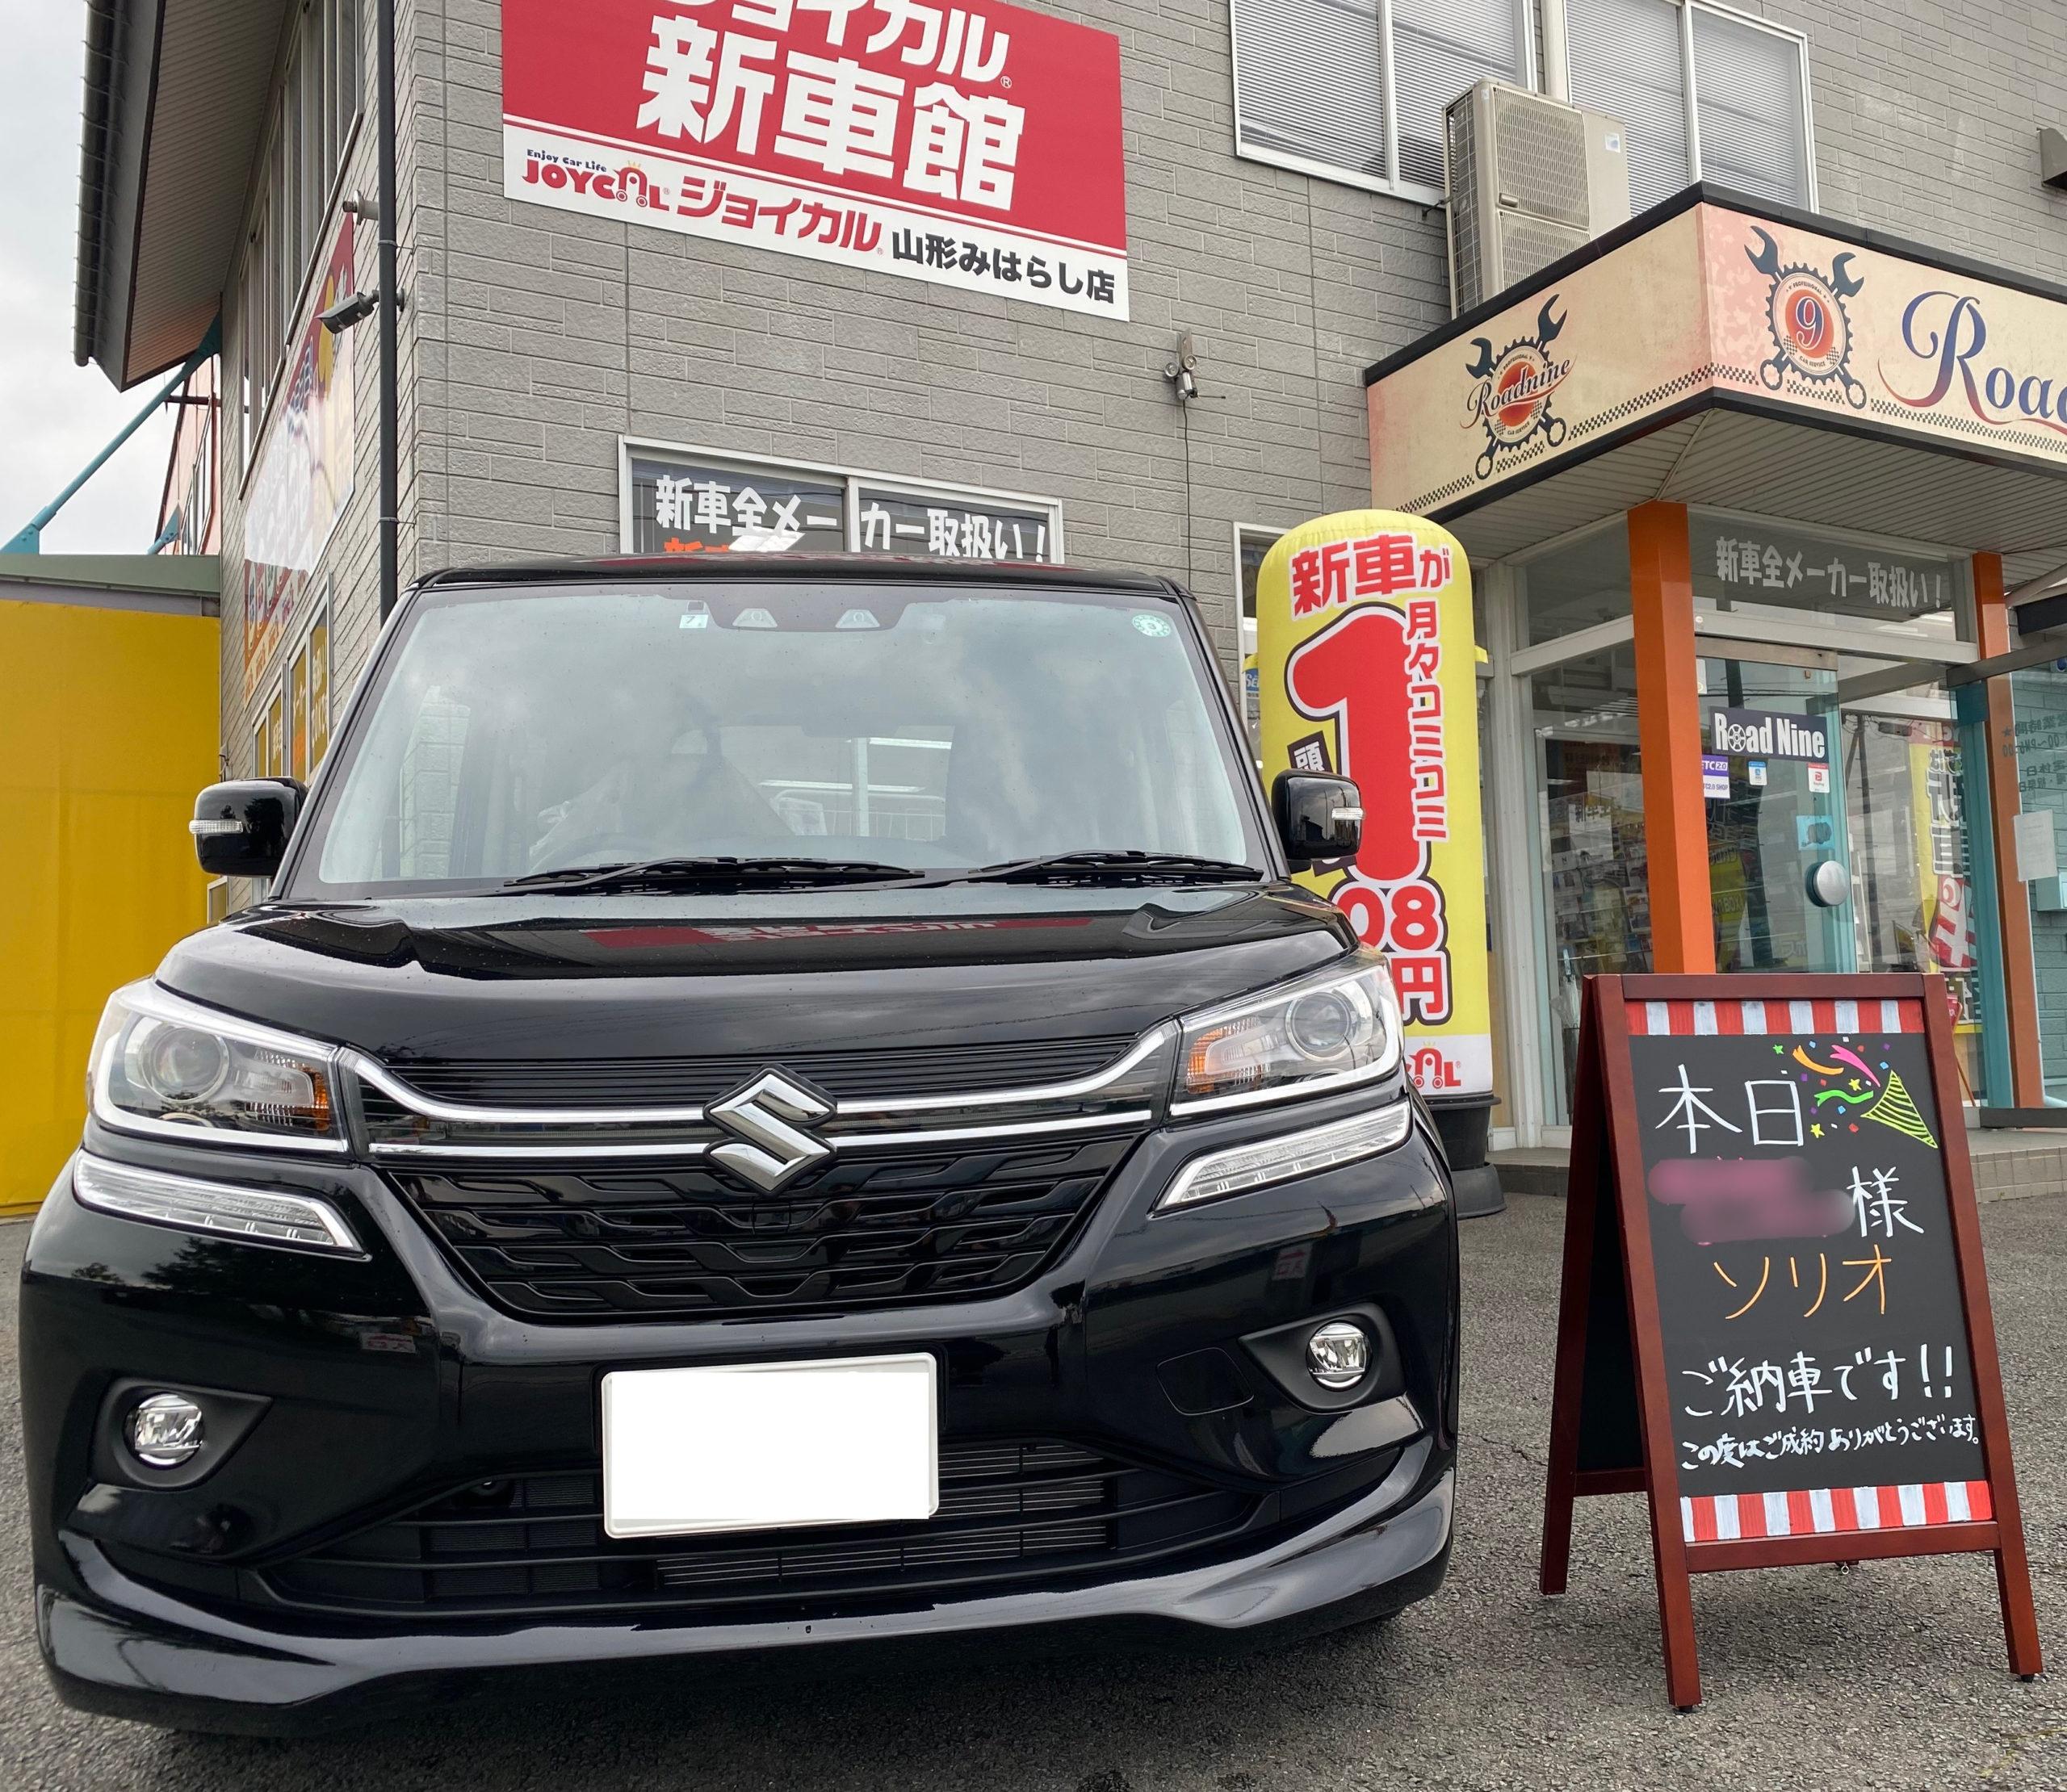 山形県 山形市 新車販売 新車 車両販売 スズキ ソリオ バンディットの画像